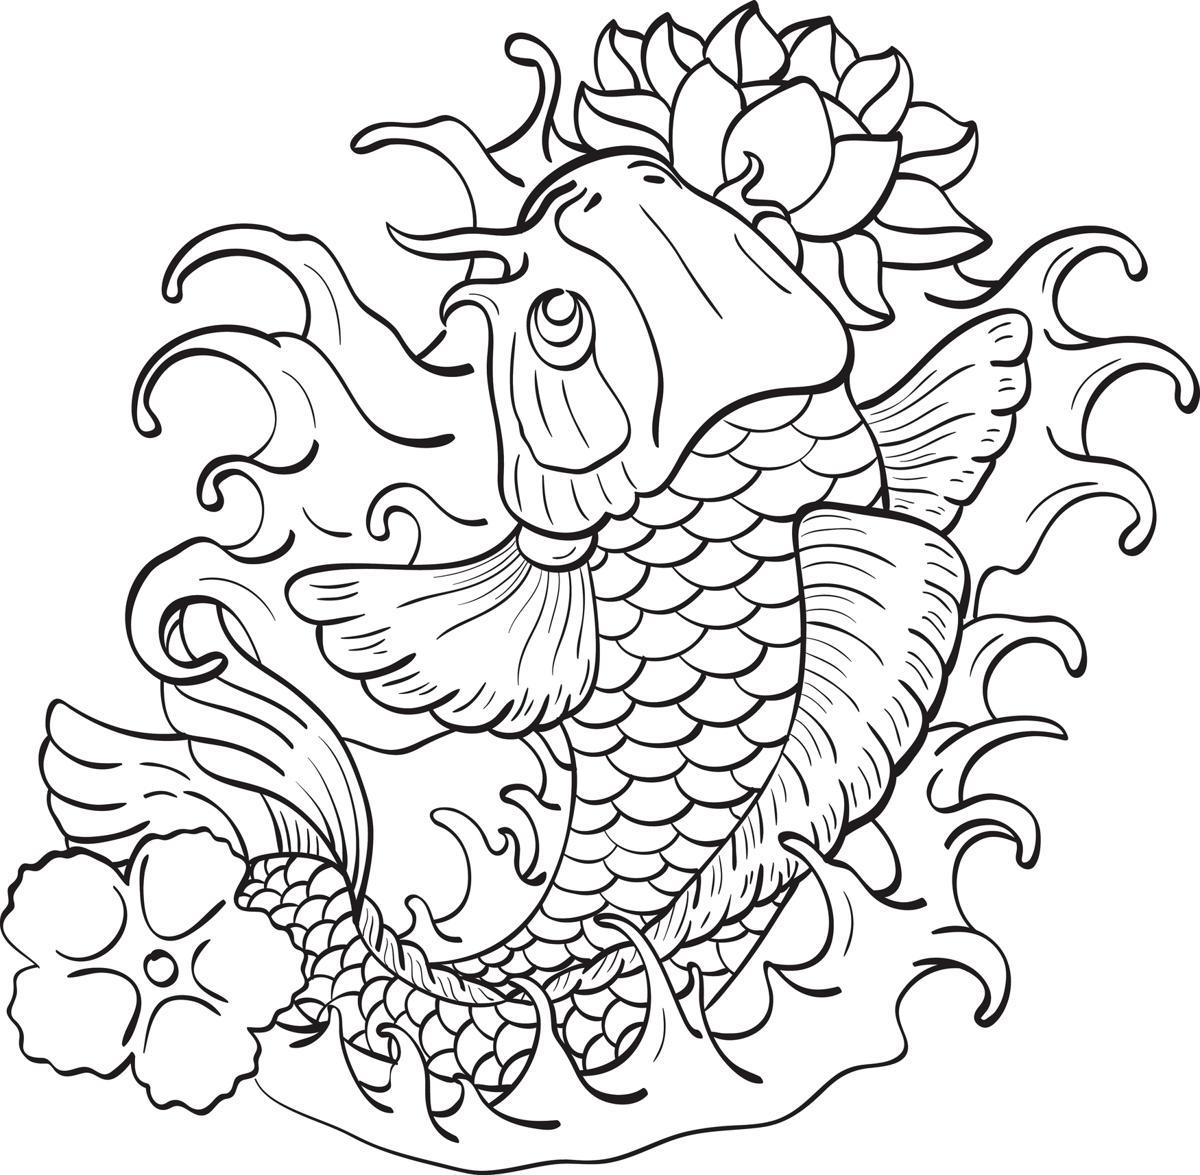 Fish tattoo designs fish tattoo designs koi fish with lotus izmirmasajfo